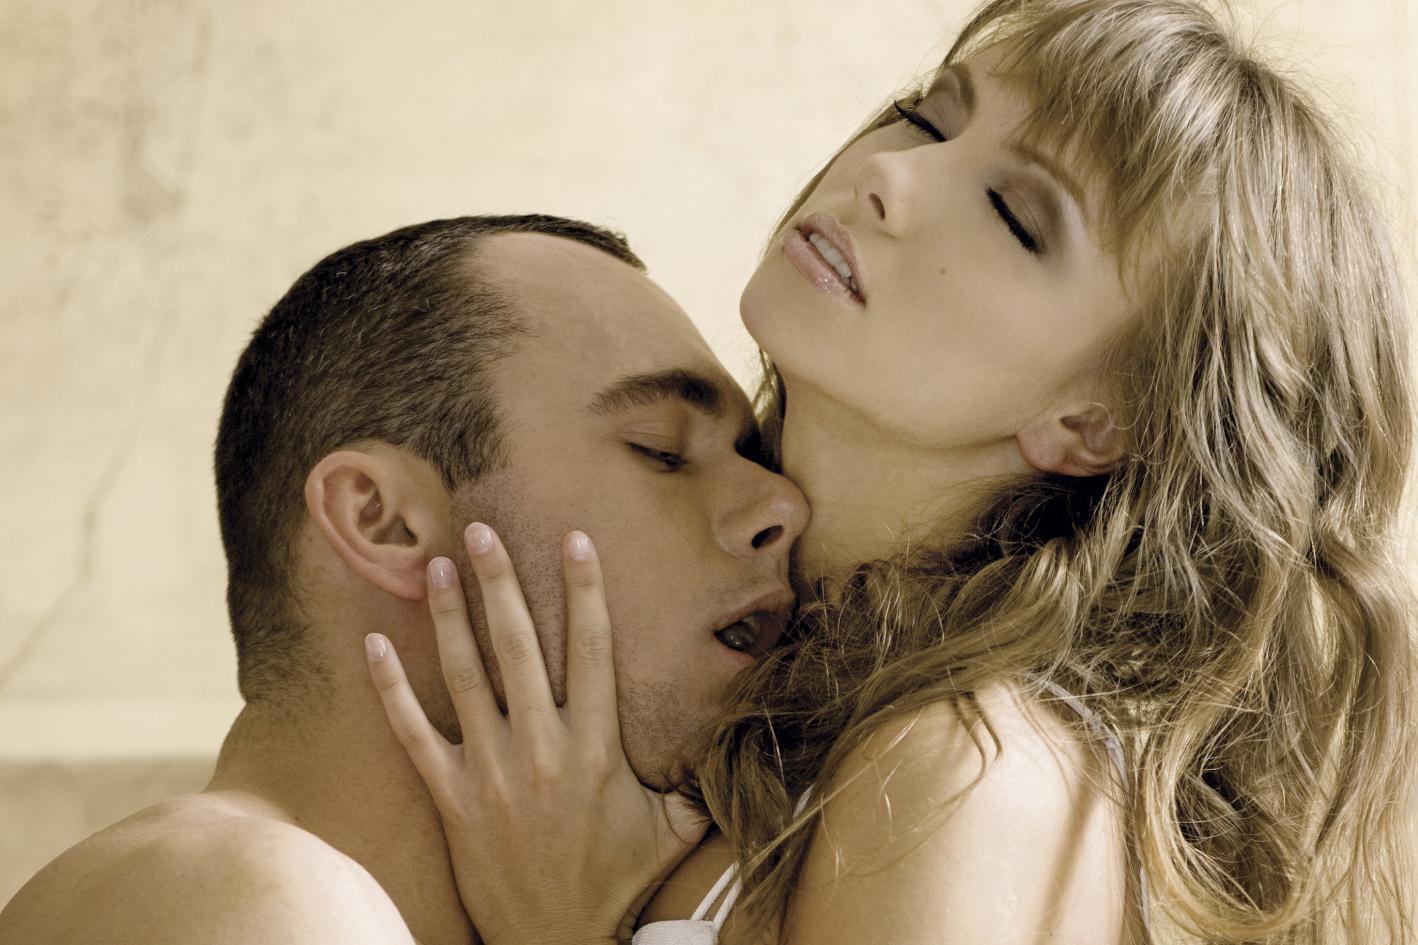 Смотреть доведение до оргазма, Оргазм порно, смотреть женские Оргазмы с судорогами 10 фотография